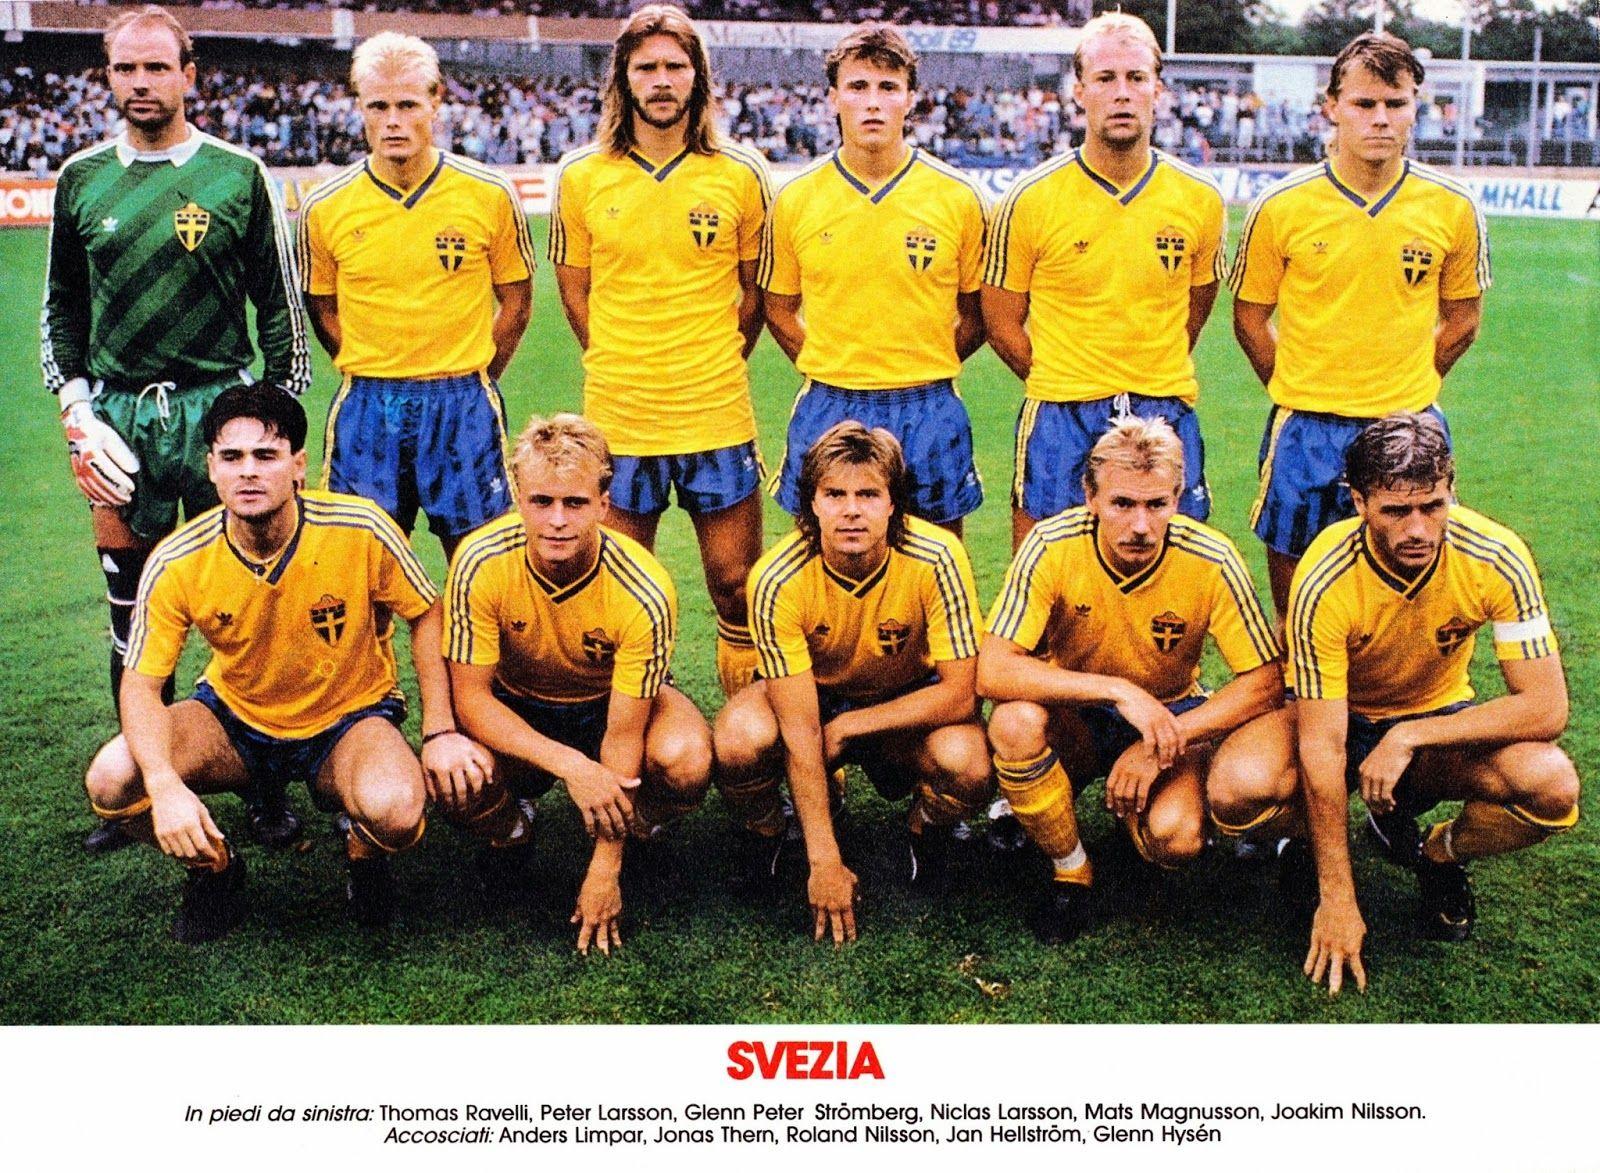 jajamän Football, Teams, Photo